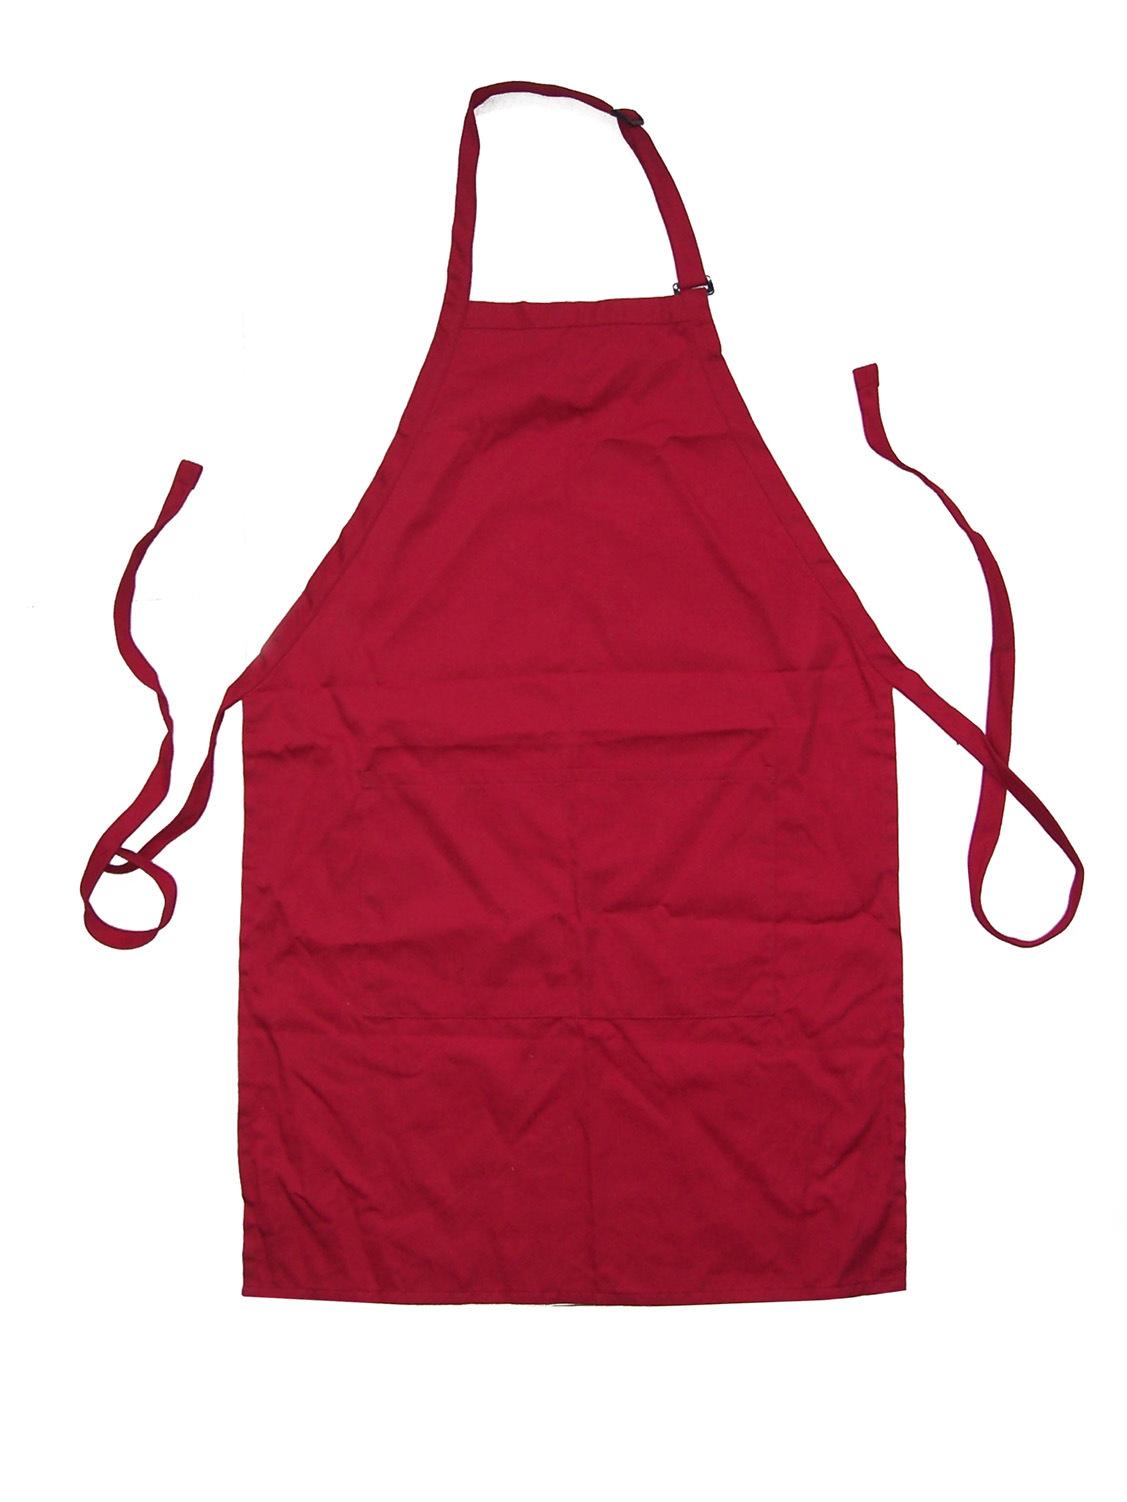 Plain white kitchen apron - Galleries Related White Apron Plain Apron With Pockets